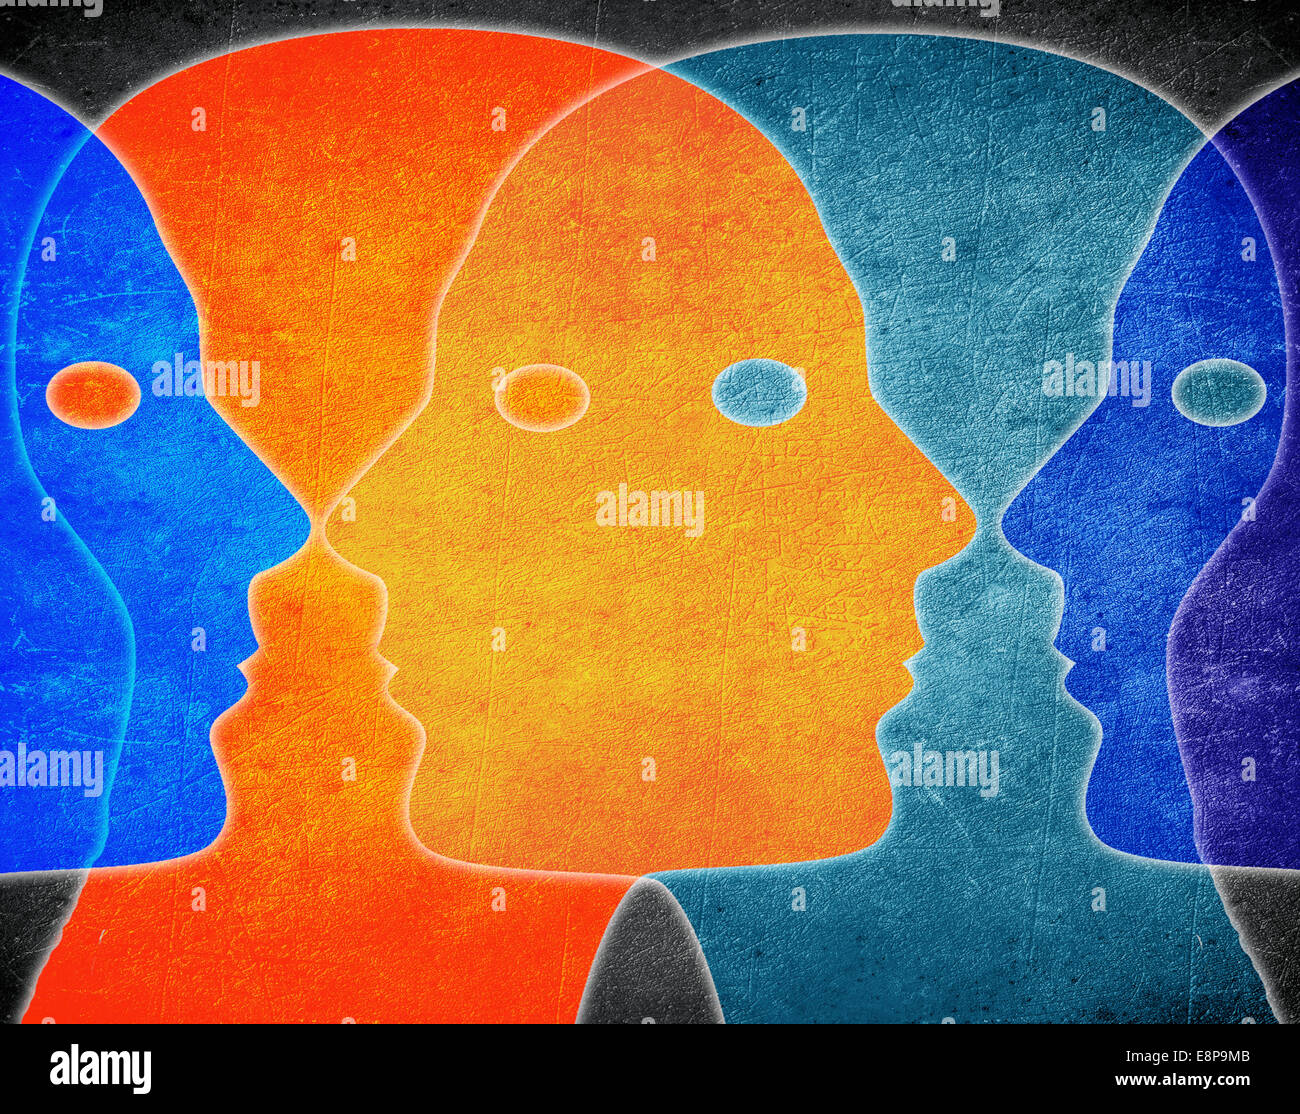 Cuatro jefes de colores ilustración digital Imagen De Stock